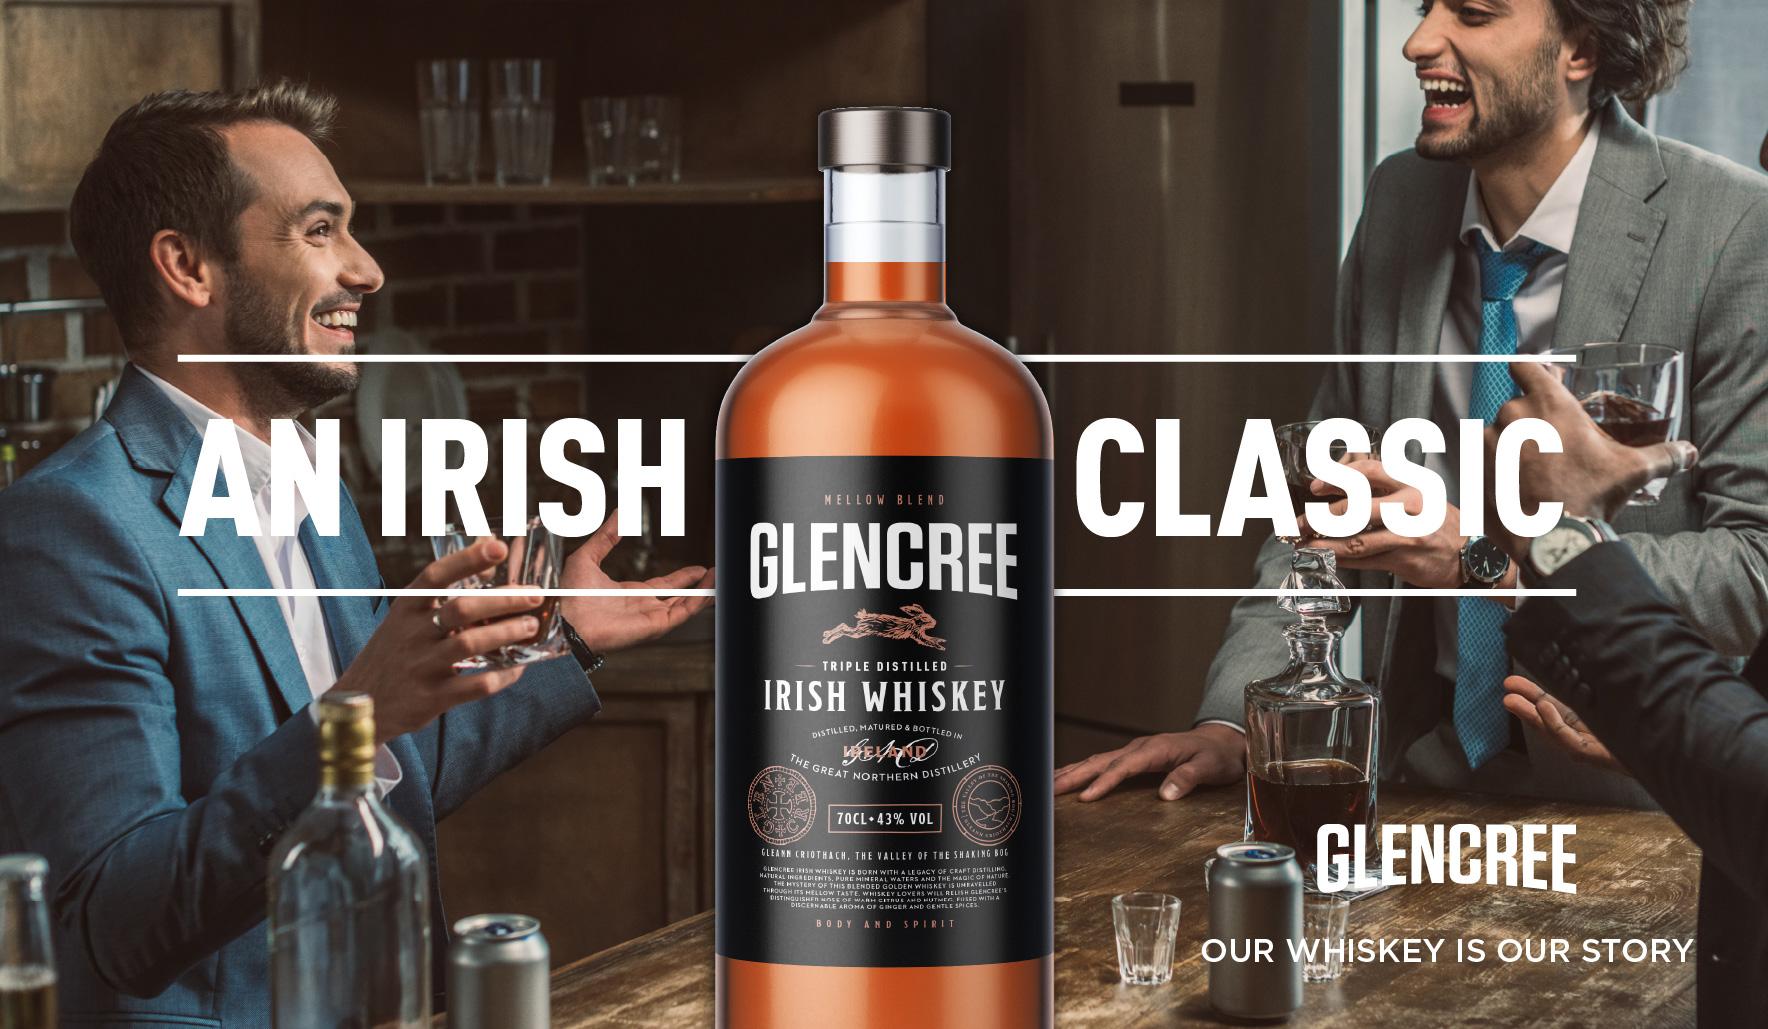 Glencree Irish Whiskey